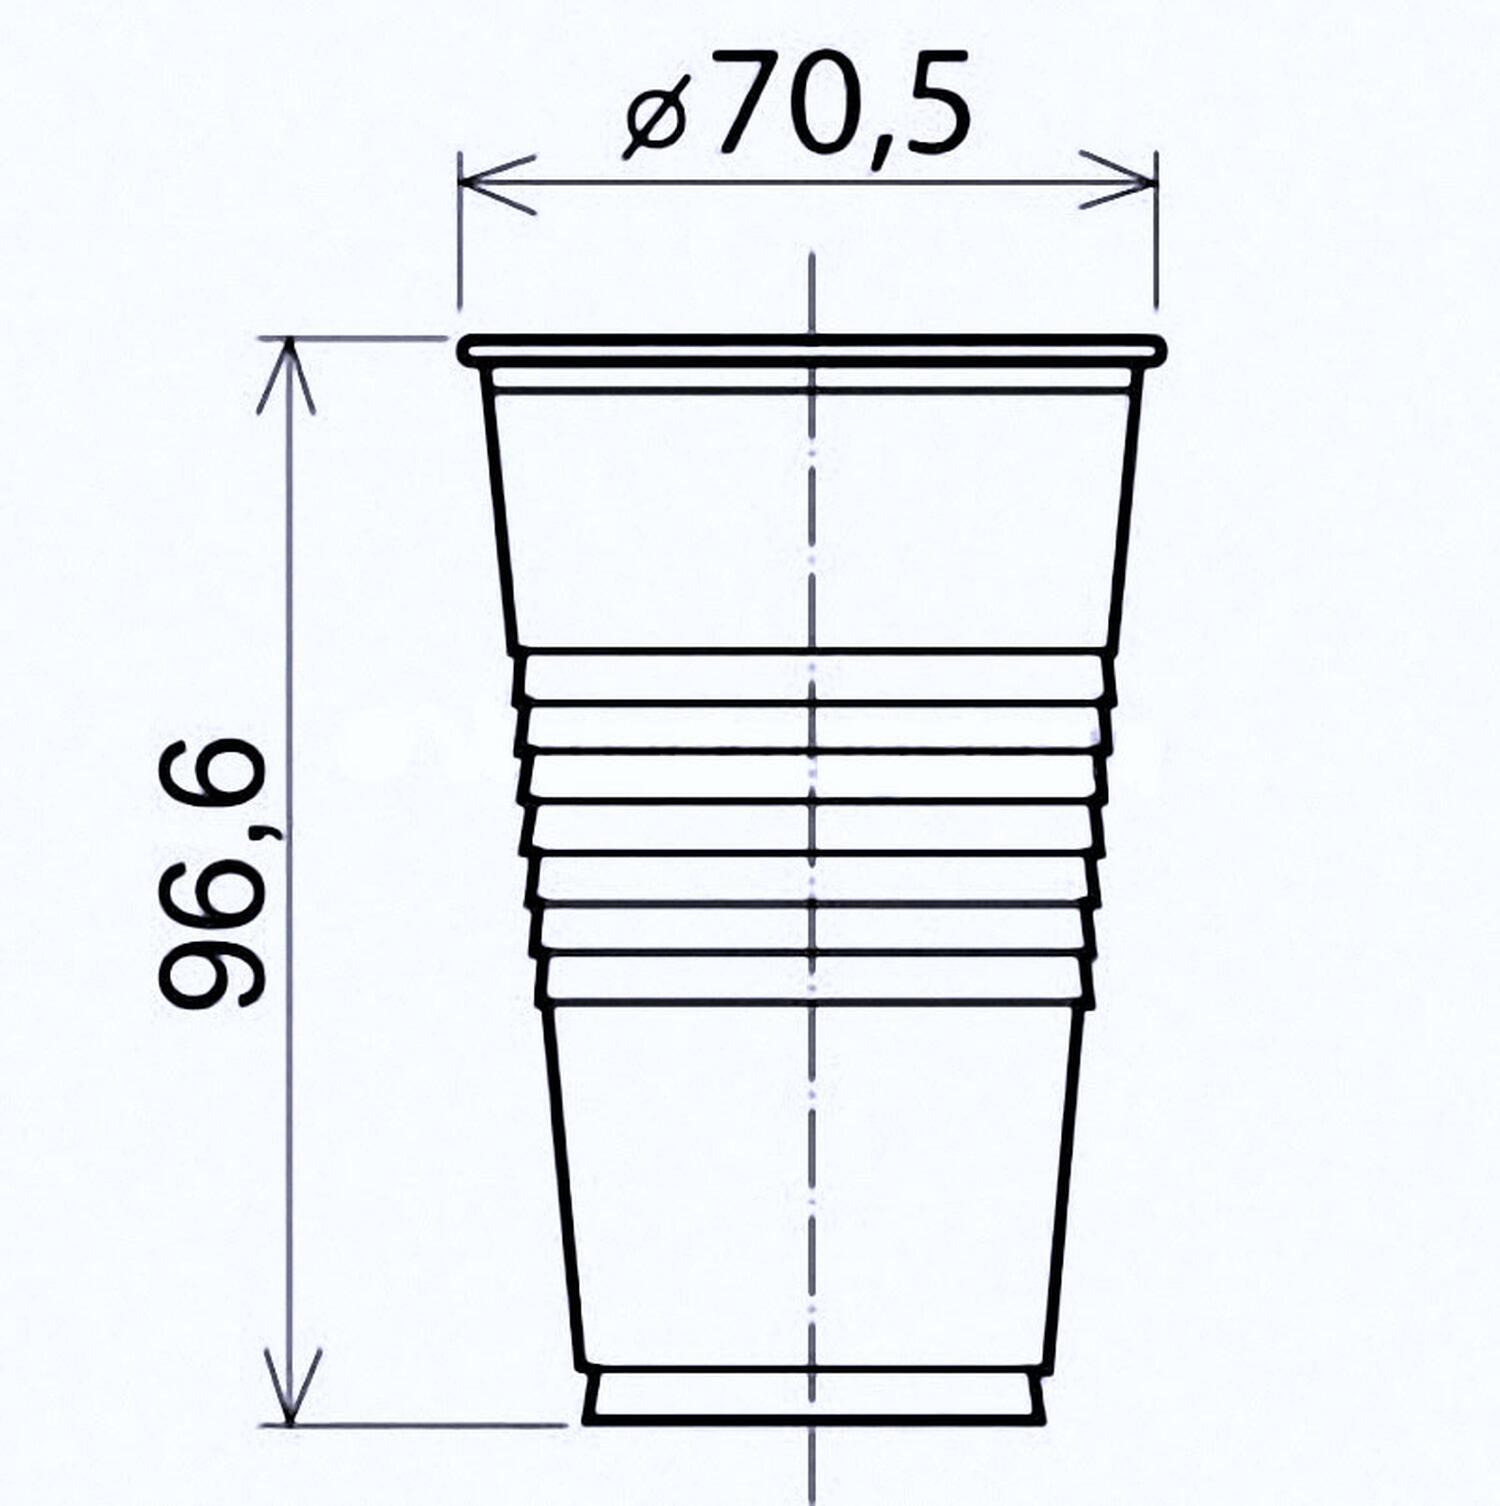 Trinkbecher transparent klar 0,2 l, 200 ml, PP, Ø 70 mm, 100 Stk.